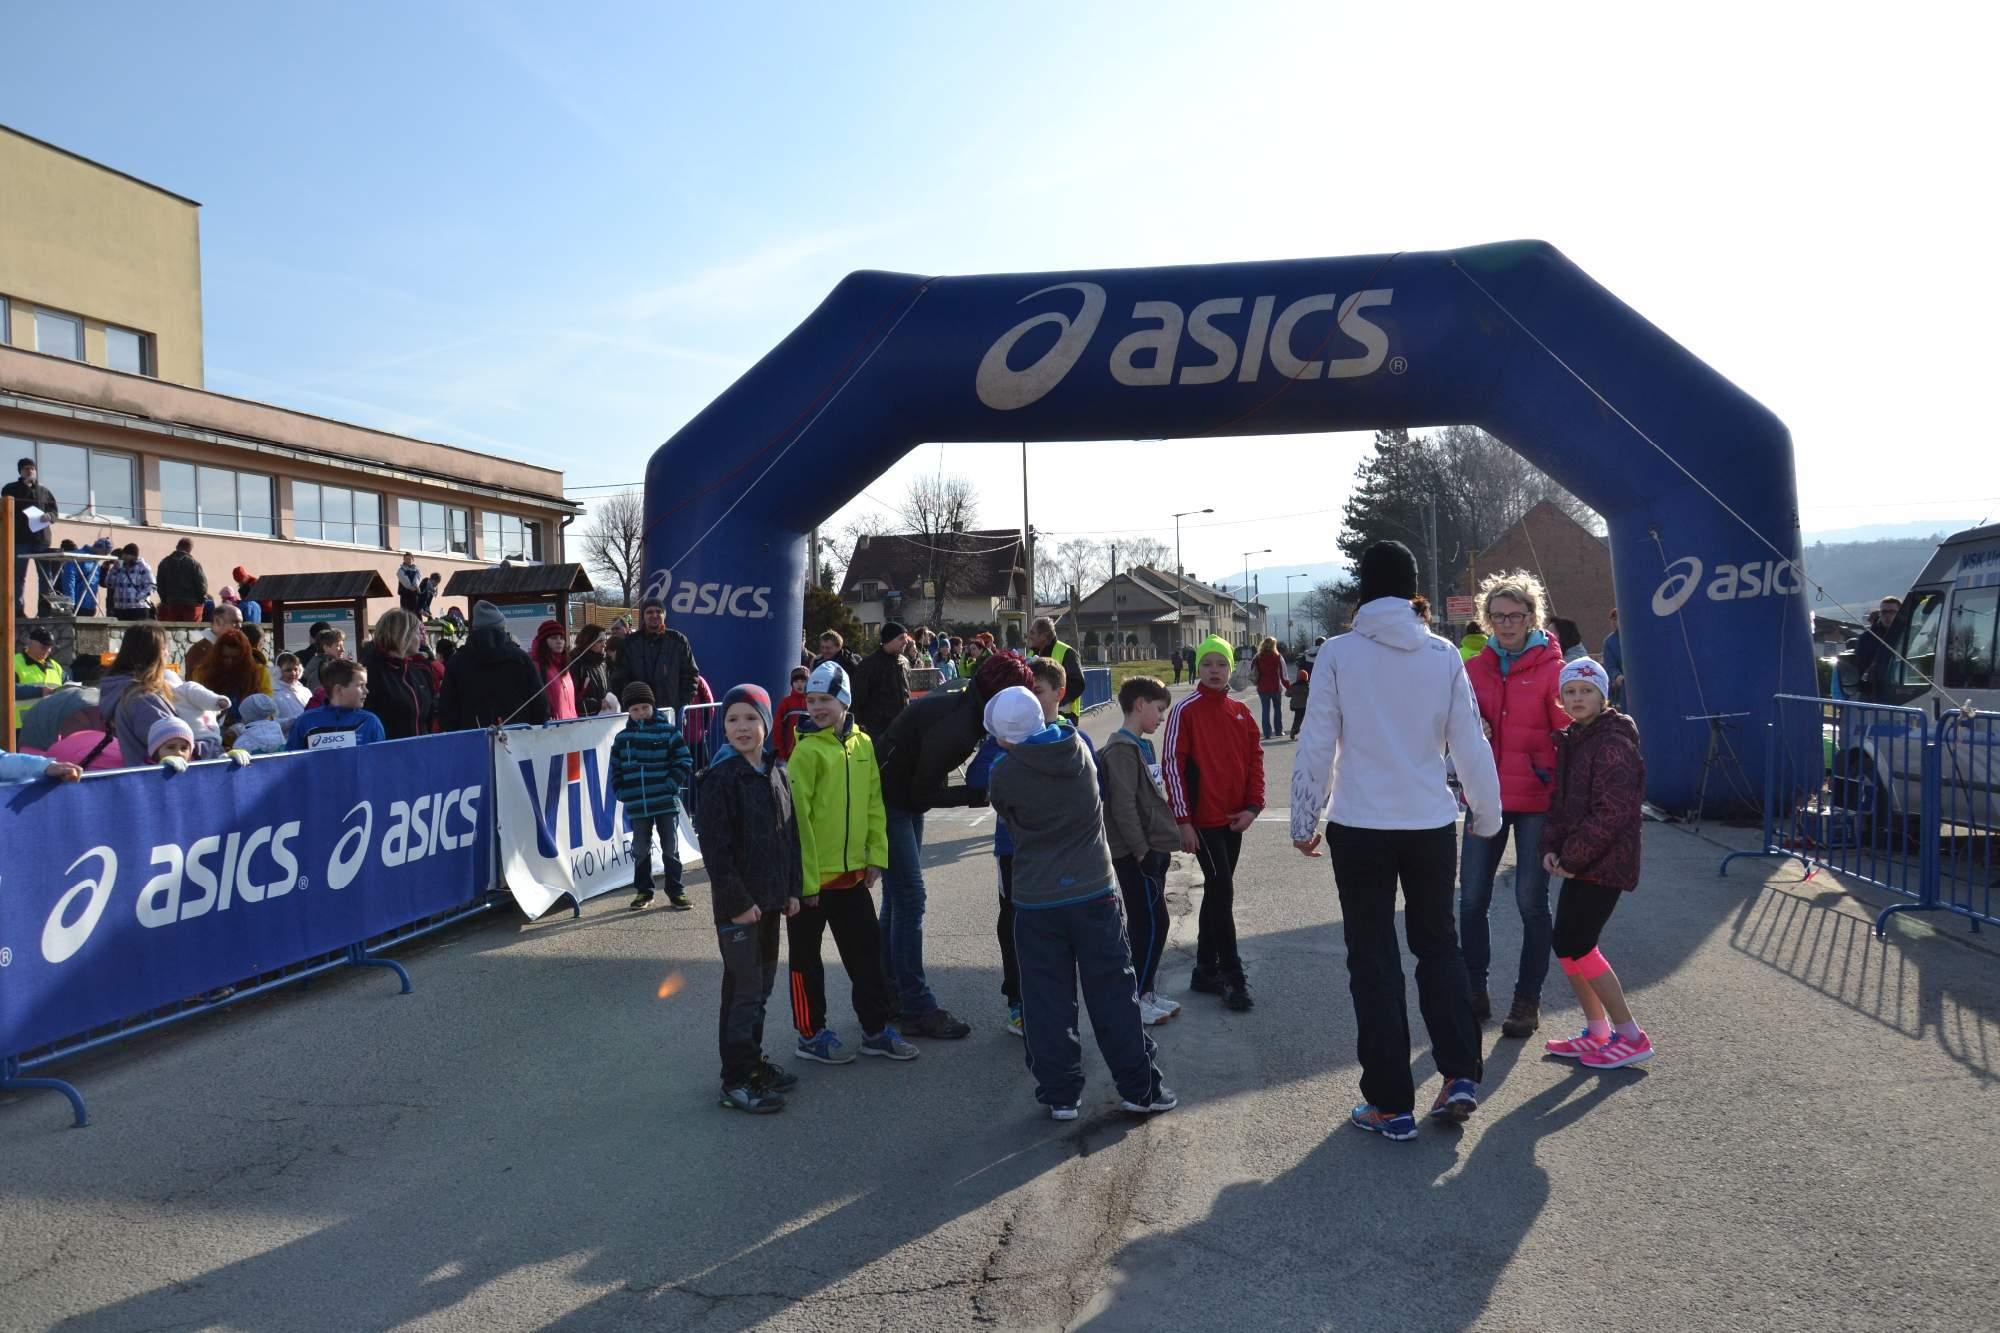 c6a9a8c3dde Prusinovice - Rohálovská desítka 27. 2. 2016 – atletikahranice ...